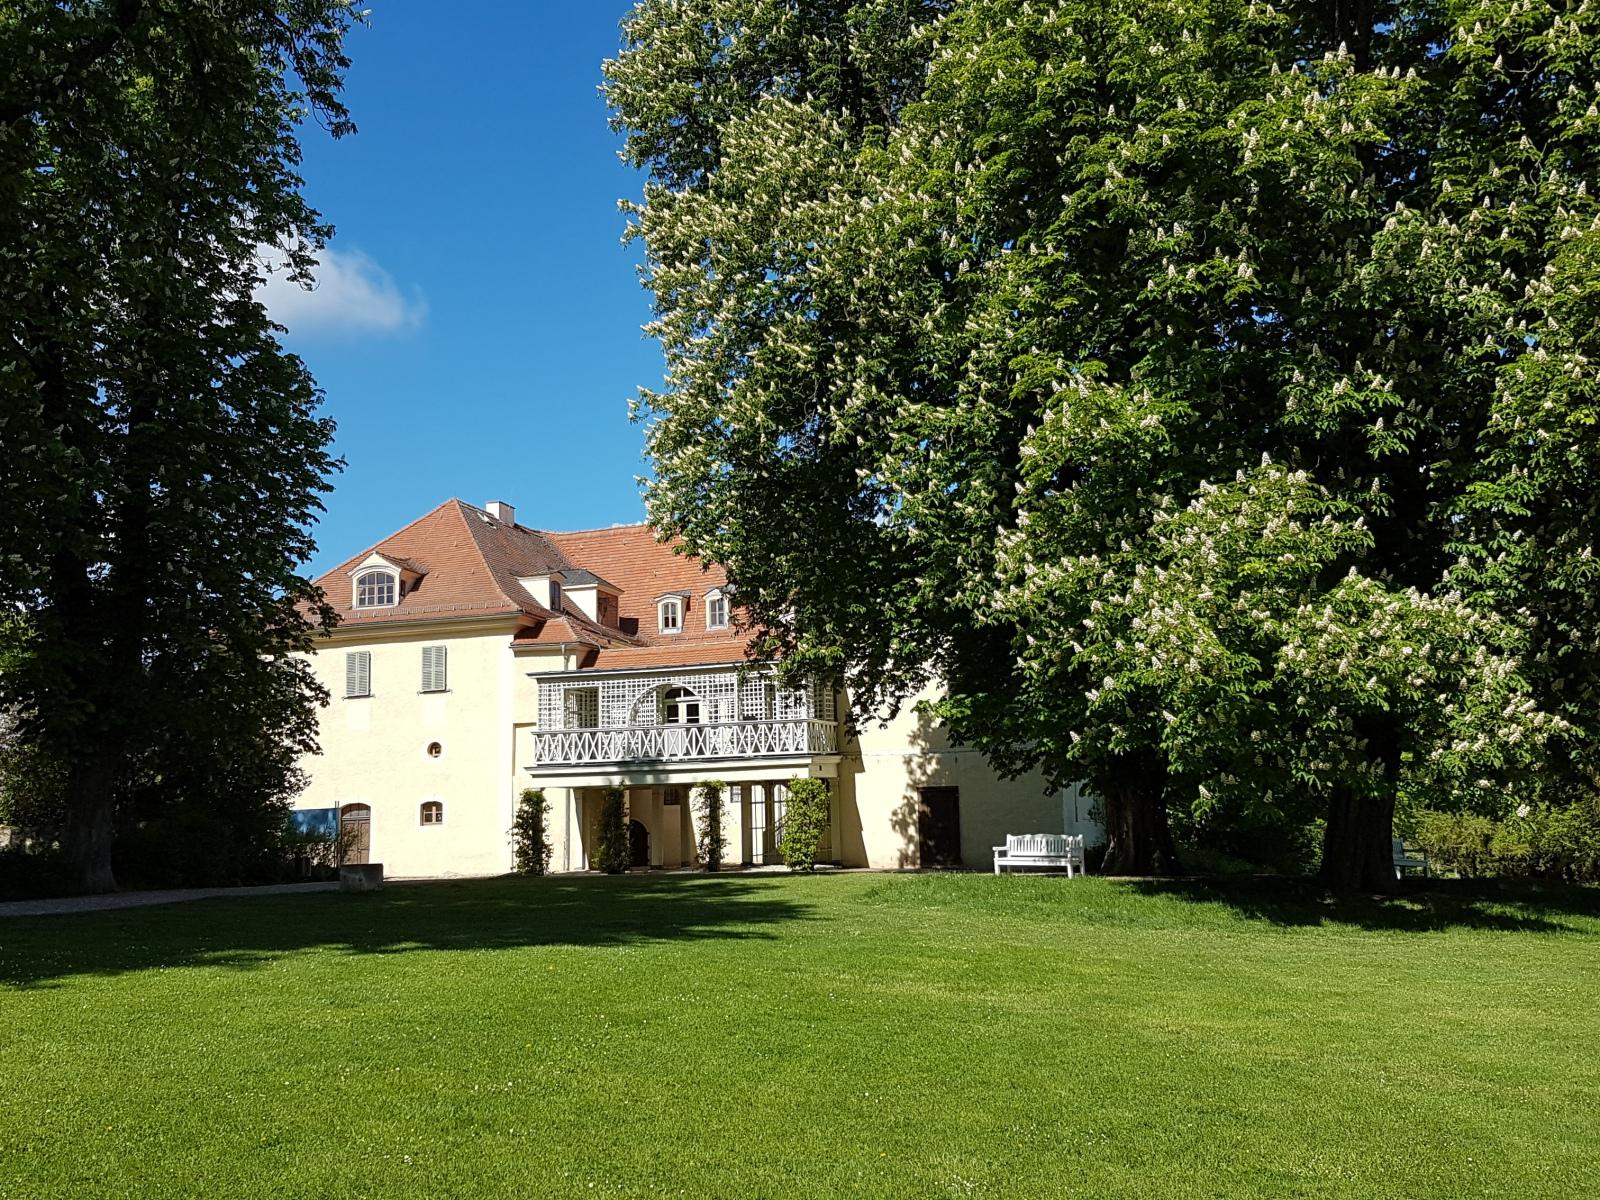 Tiefurt: Schloss, Parkseite